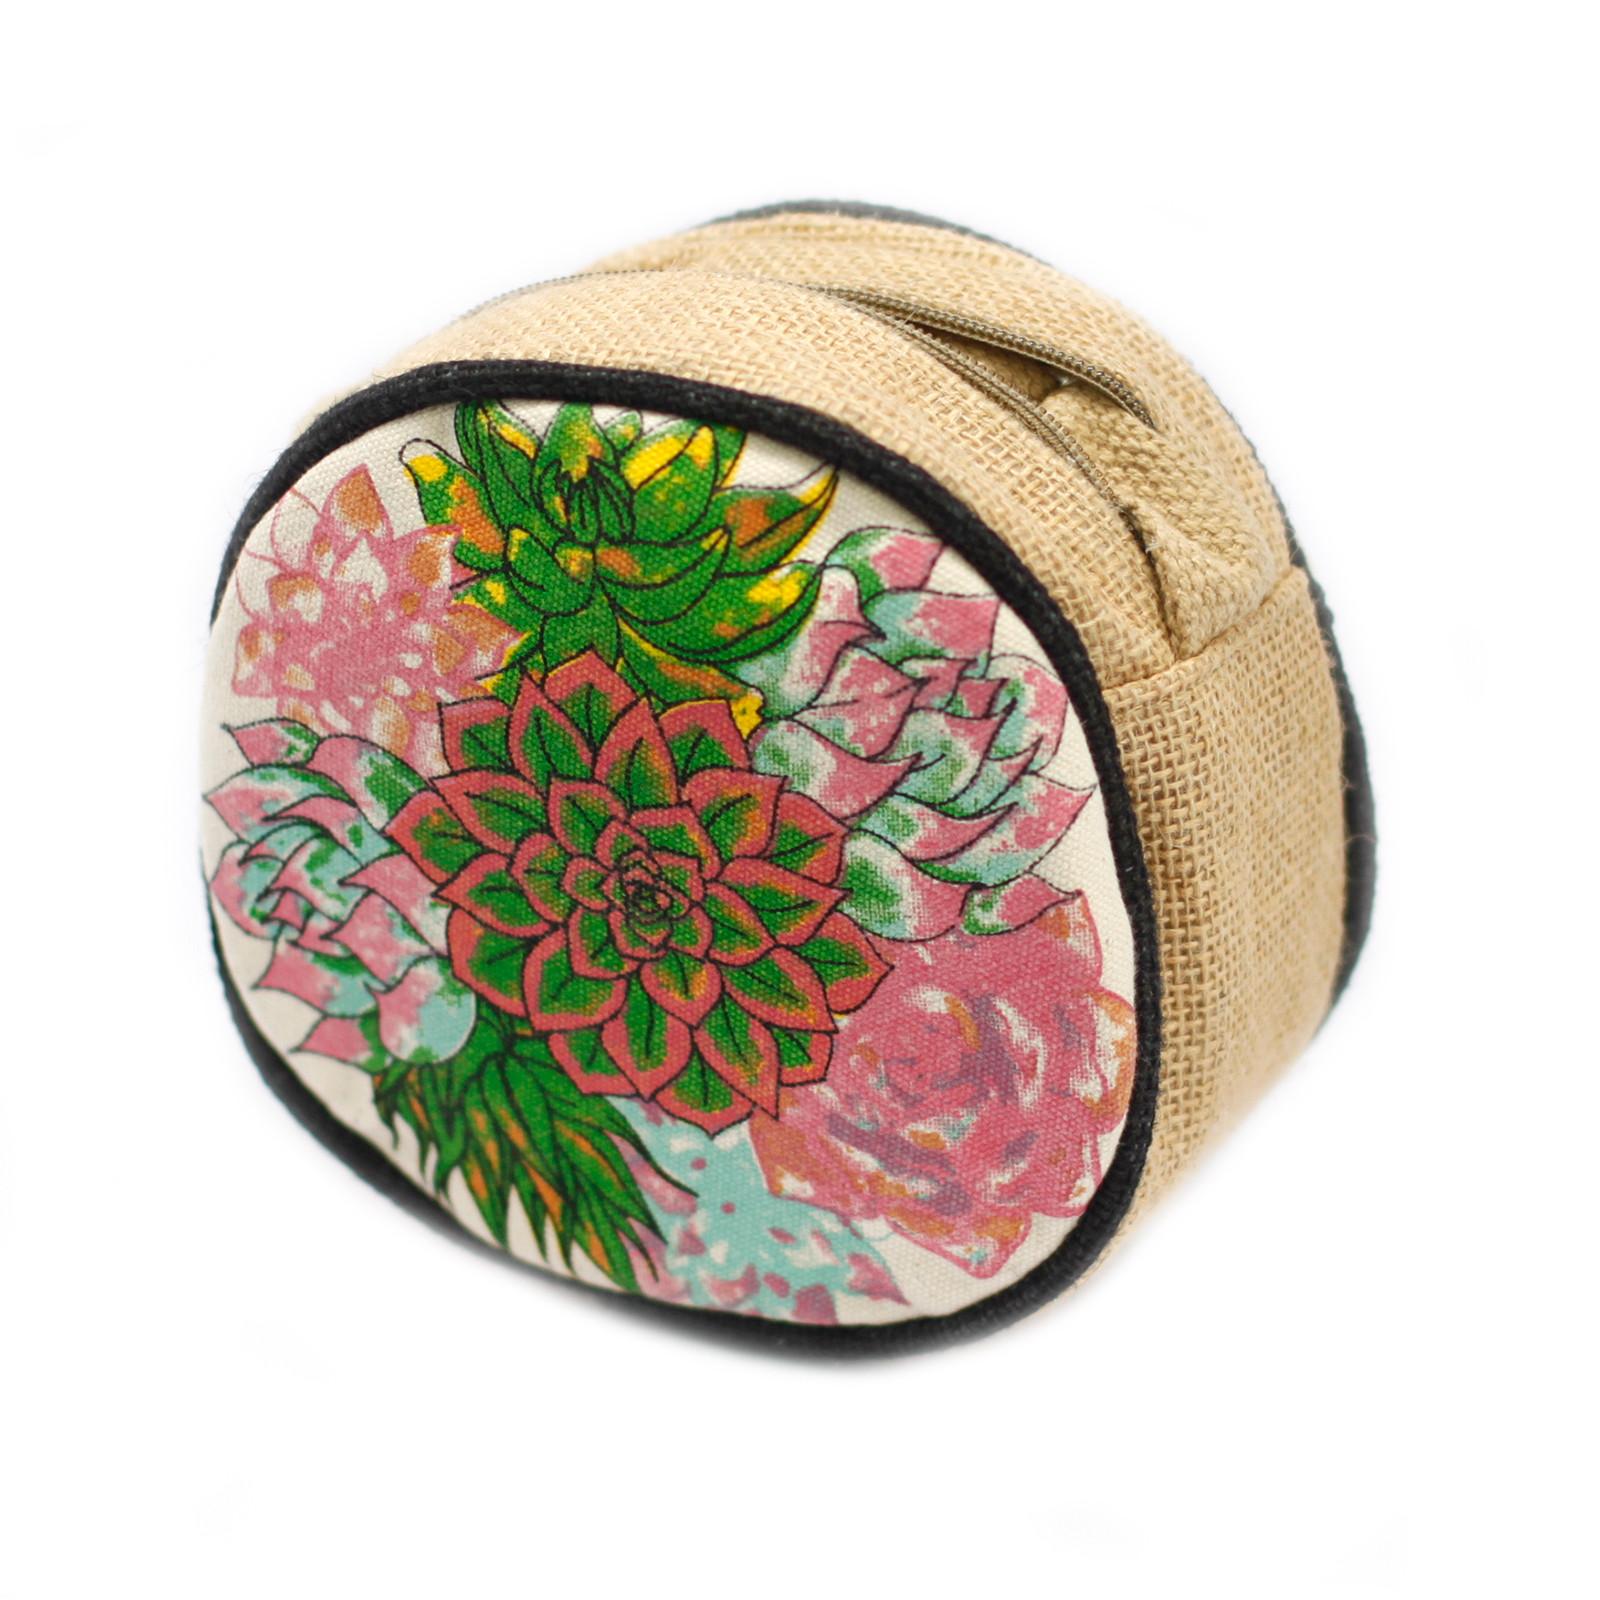 Eco Round Bag Small Cactus